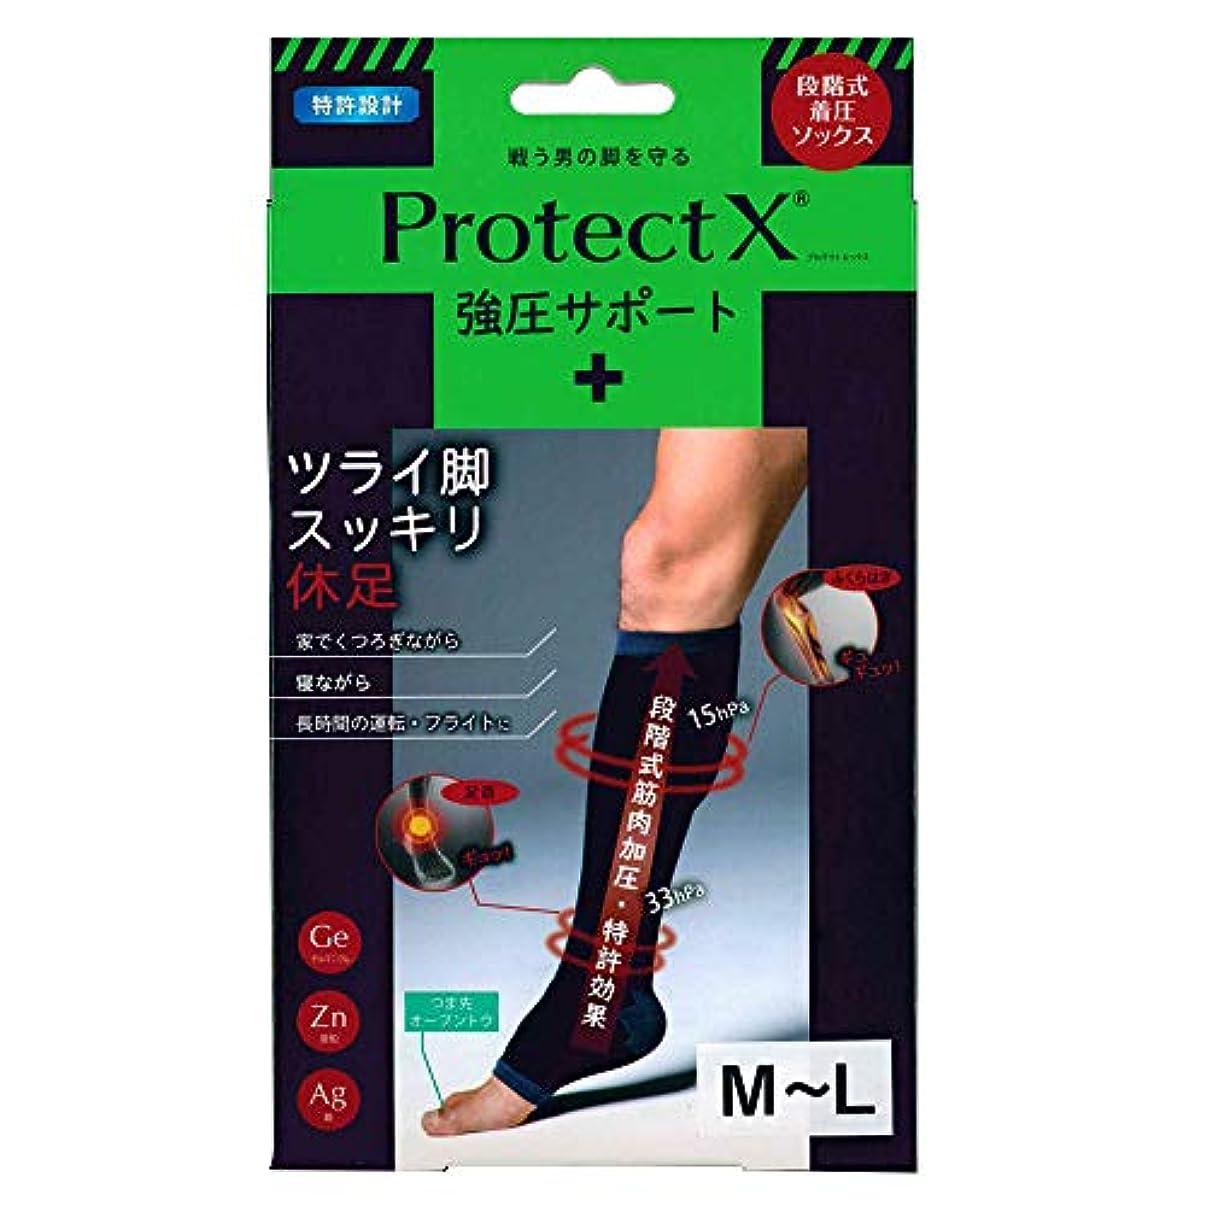 関連する消去プレビスサイトProtect X(プロテクトエックス) 強圧サポート オープントゥ着圧ソックス 膝下 (膝下M-L)